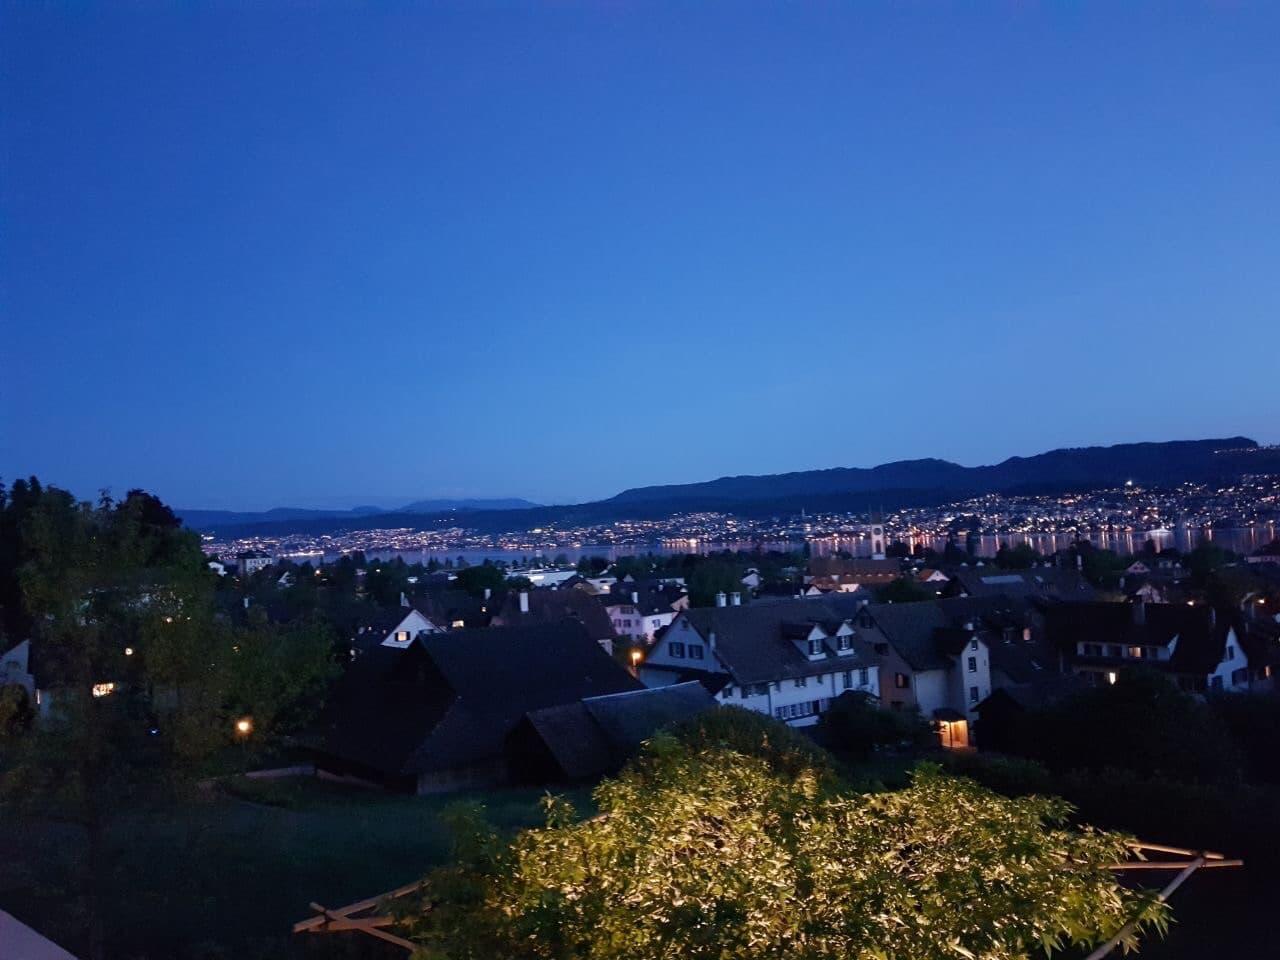 Objekt Zürich mit Außenbeleuchtung